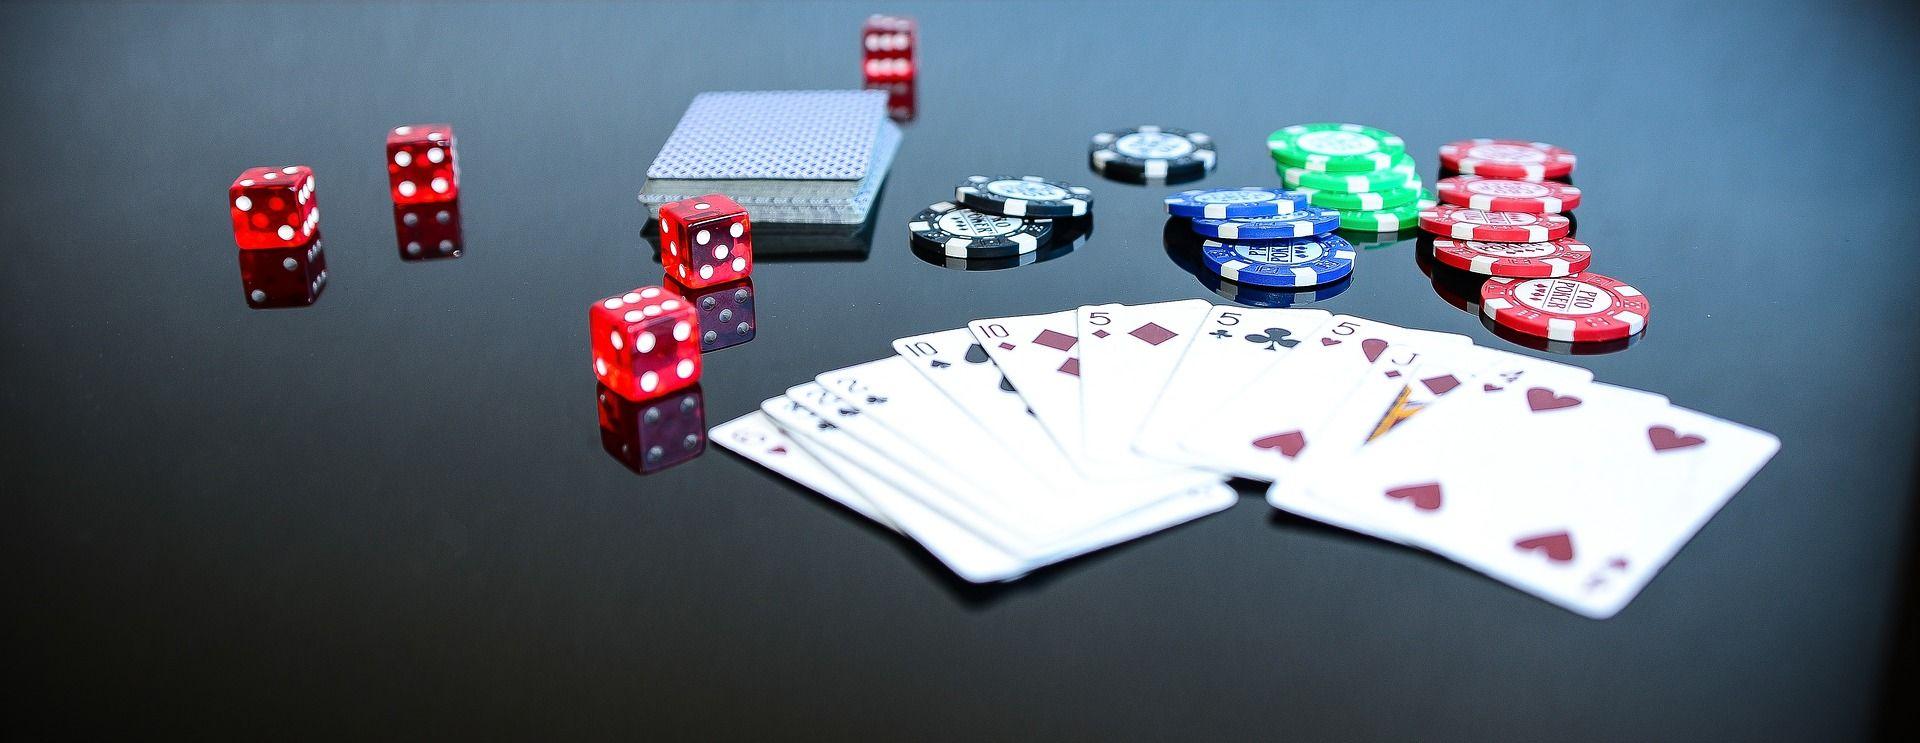 Pokeraar Steven van Zadelhoff verdiende 2,4 miljoen!